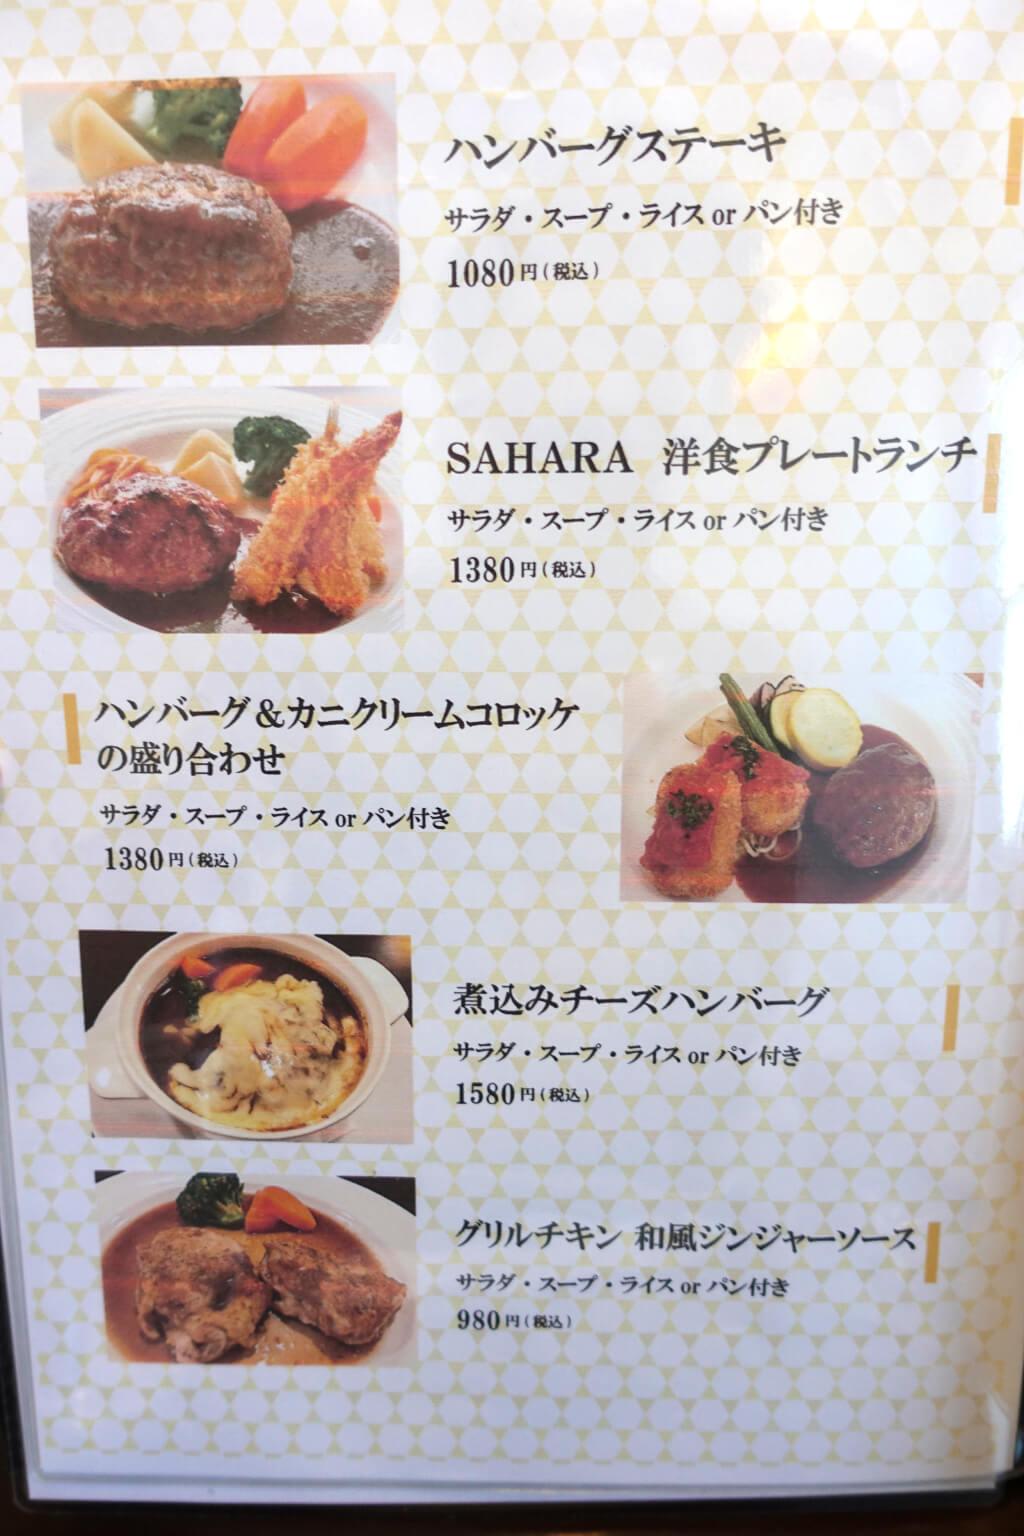 レストラン SAHARAのメニュー